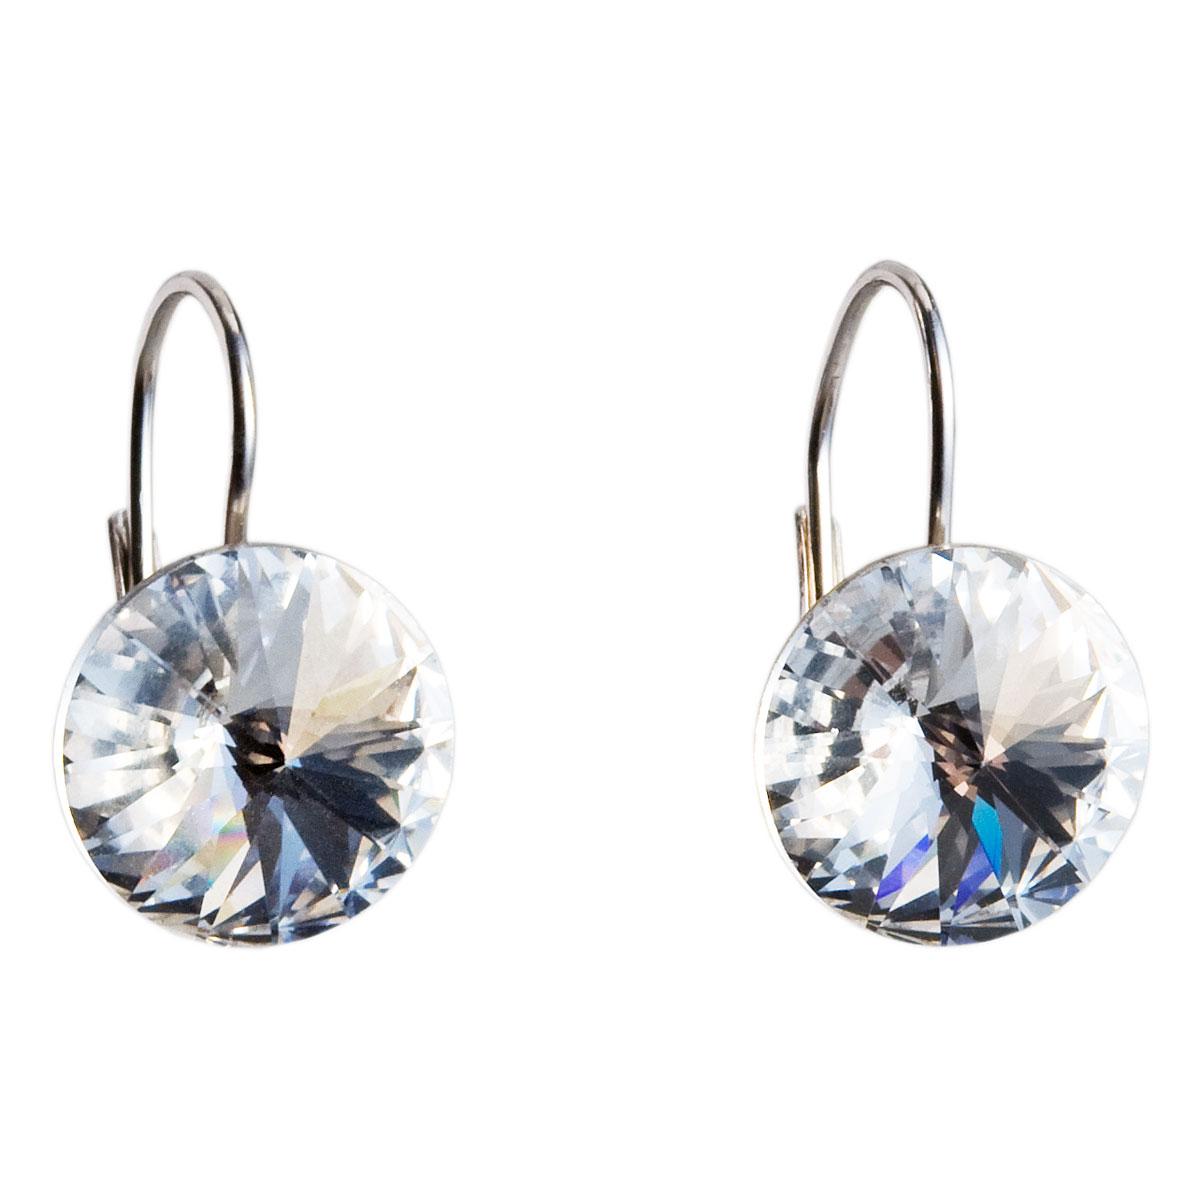 Stříbrné náušnice visací s krystaly Swarovski bílé kulaté 31106.1 8ae5348554